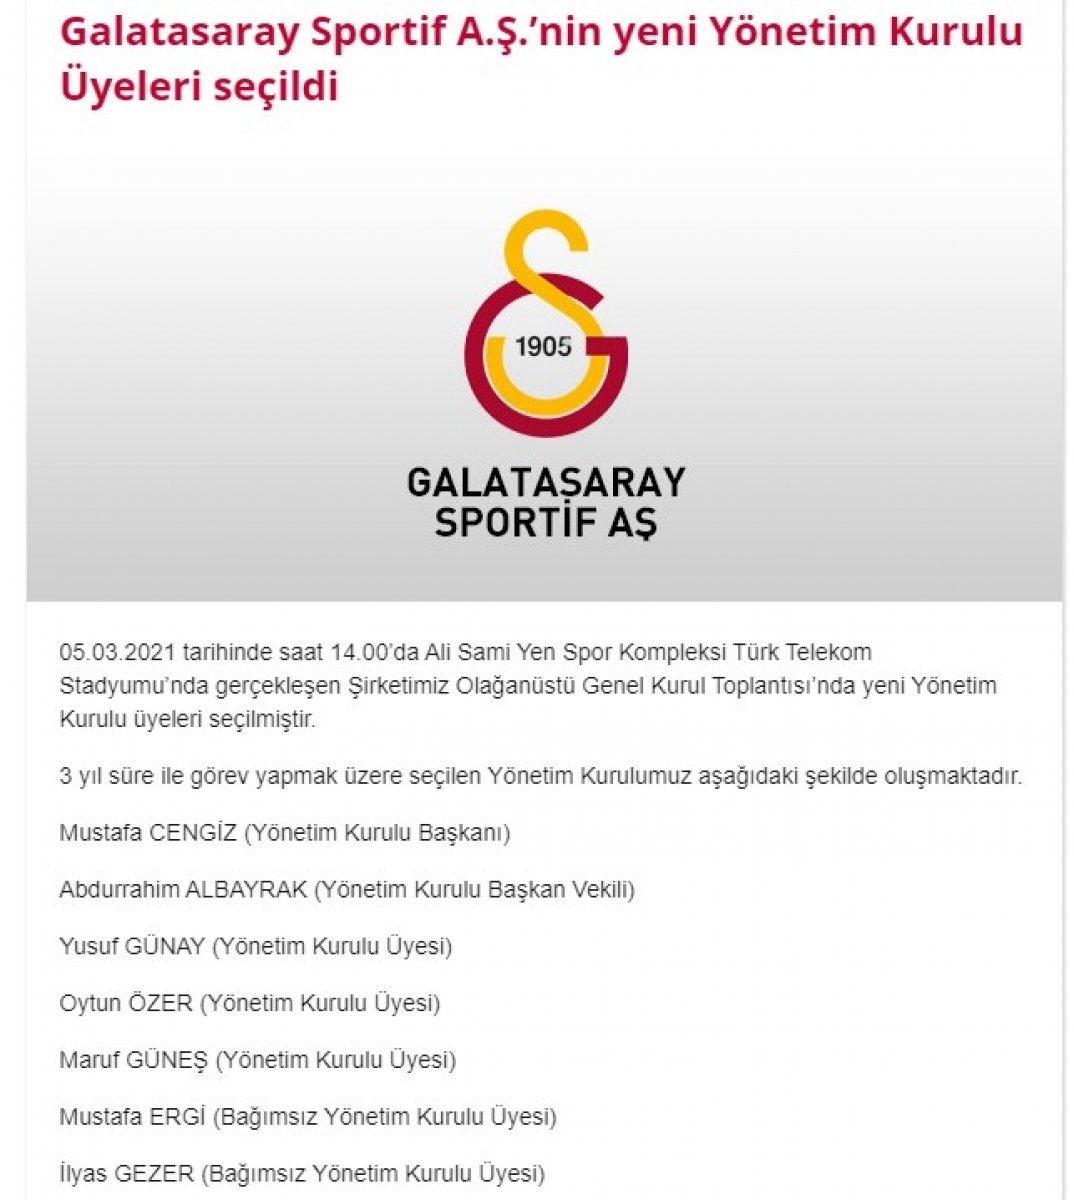 Galatasaray ın yeni yönetim kurulu üyeleri seçildi #1